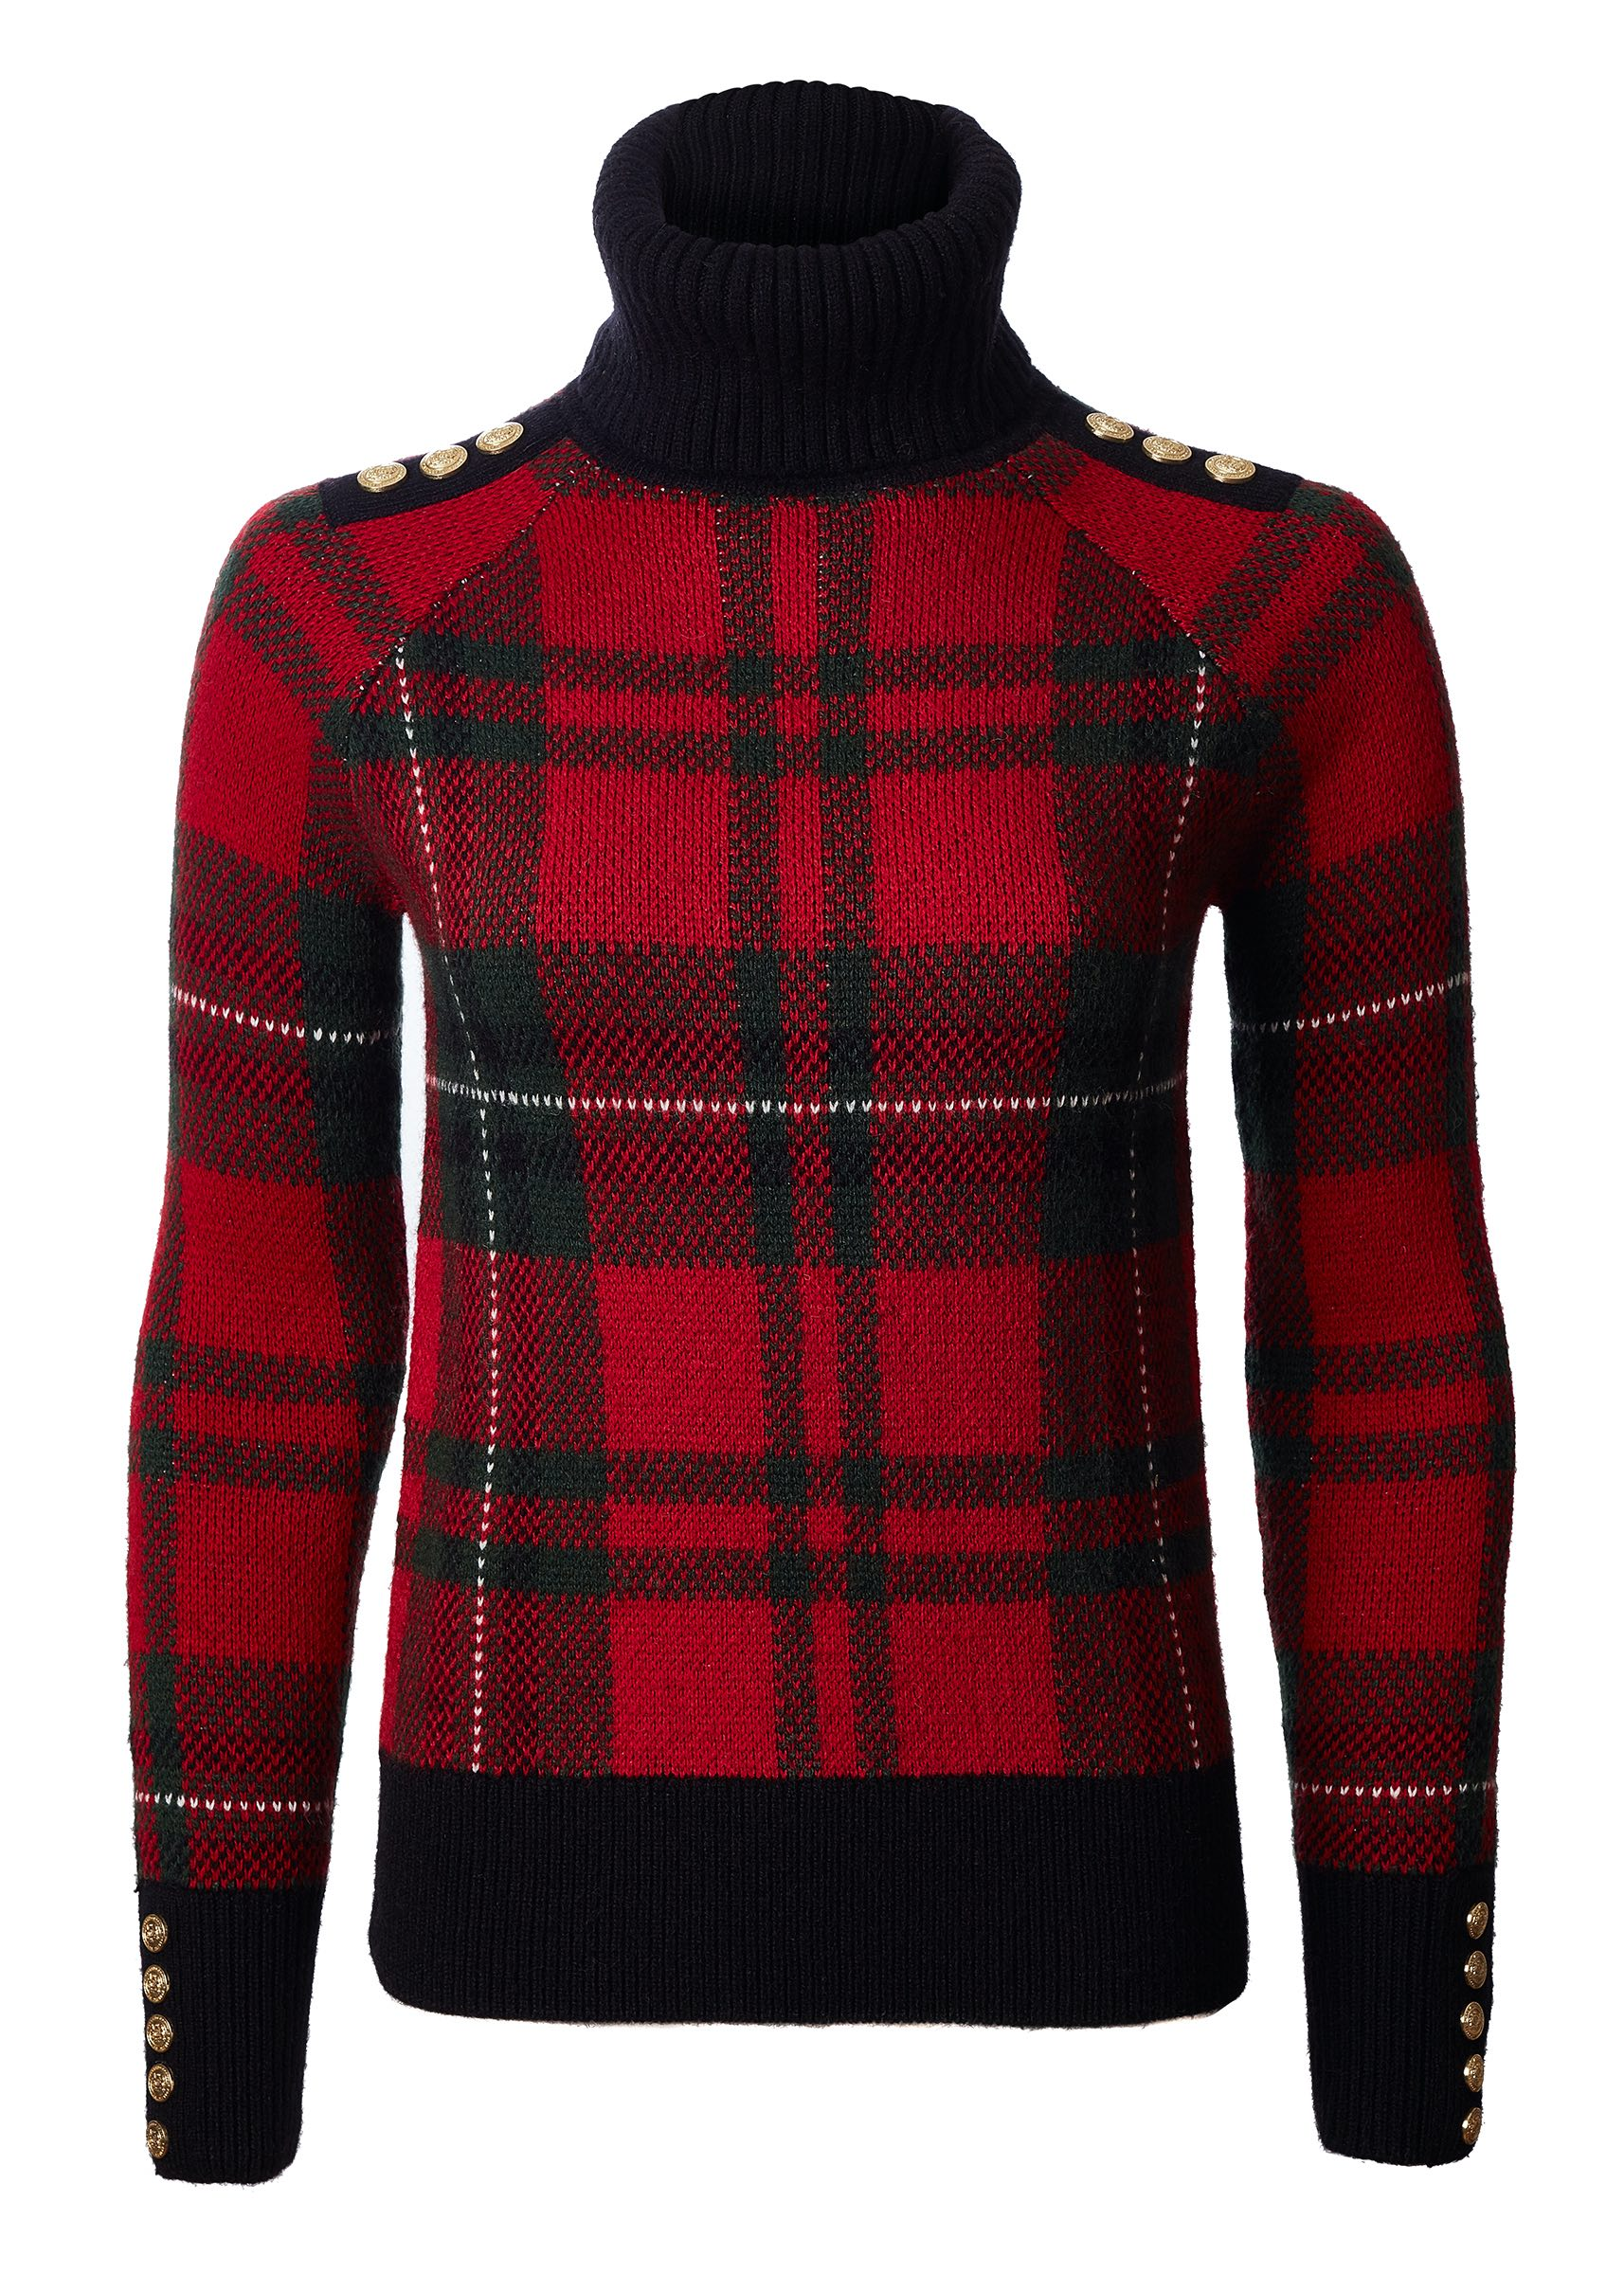 Red Tartan Knit